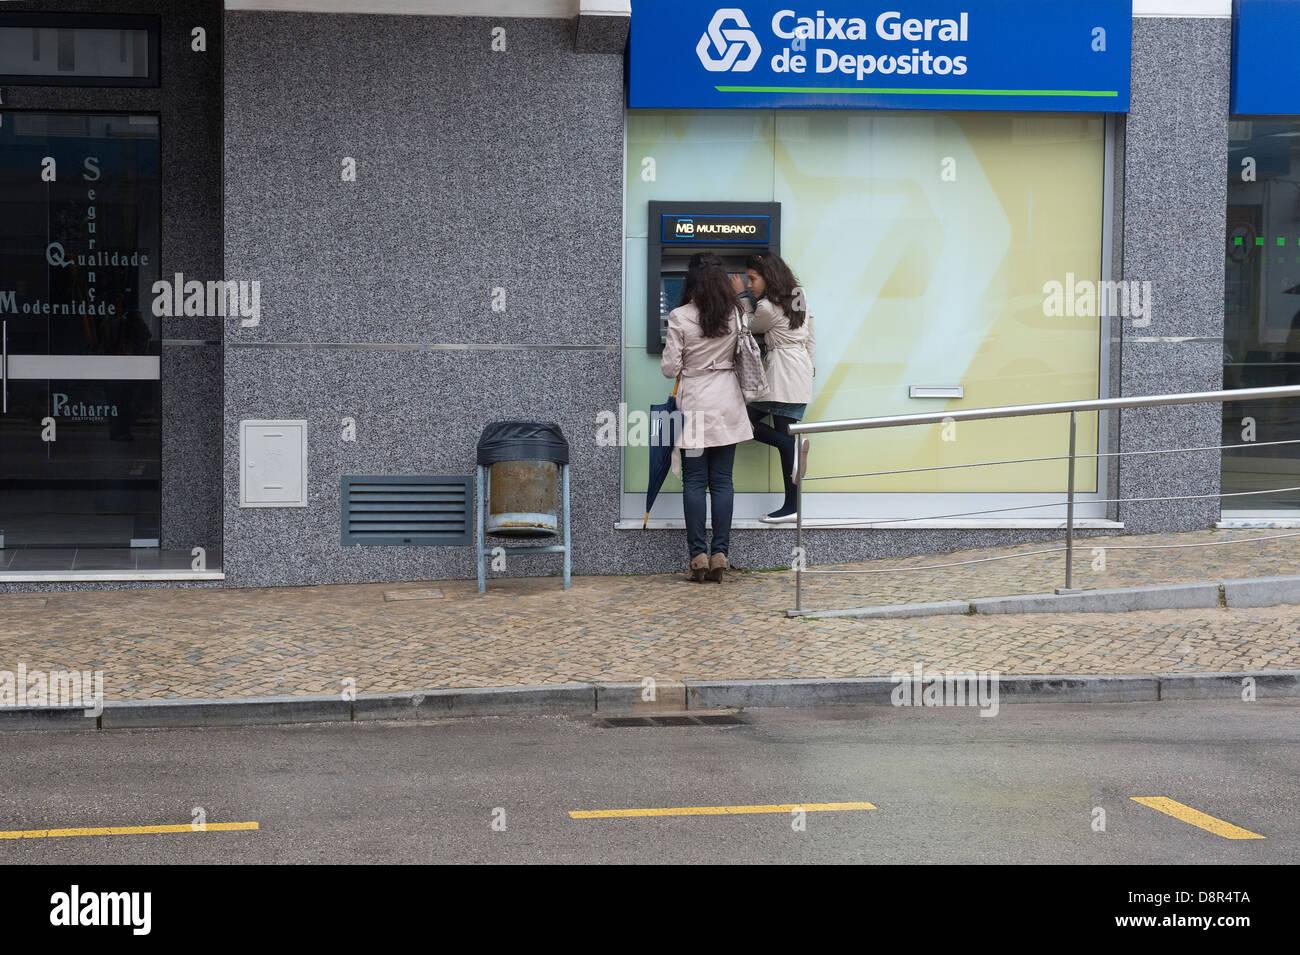 Two young woman at the Caixa Geral de Depositos cash dispensing machine São Brás de Alportel Algarve Portugal - Stock Image